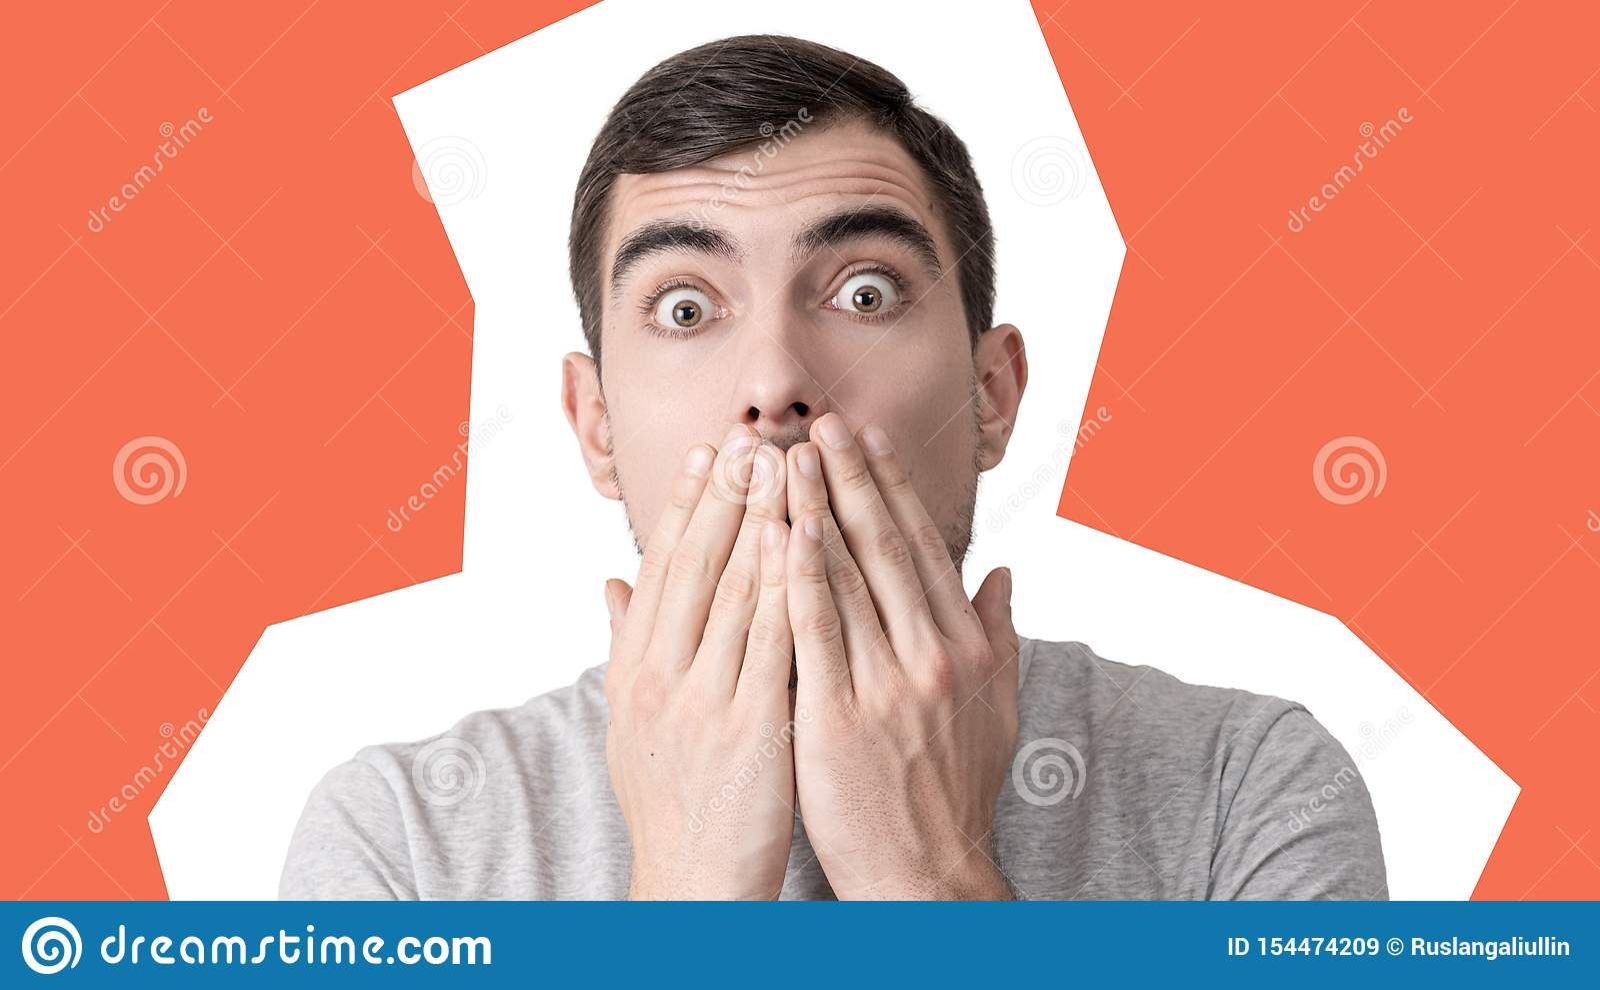 Pop-Arten-Collage, Porträt eines überraschten Mannes mit ausbauchenden Augen und geschlossene Mundhände